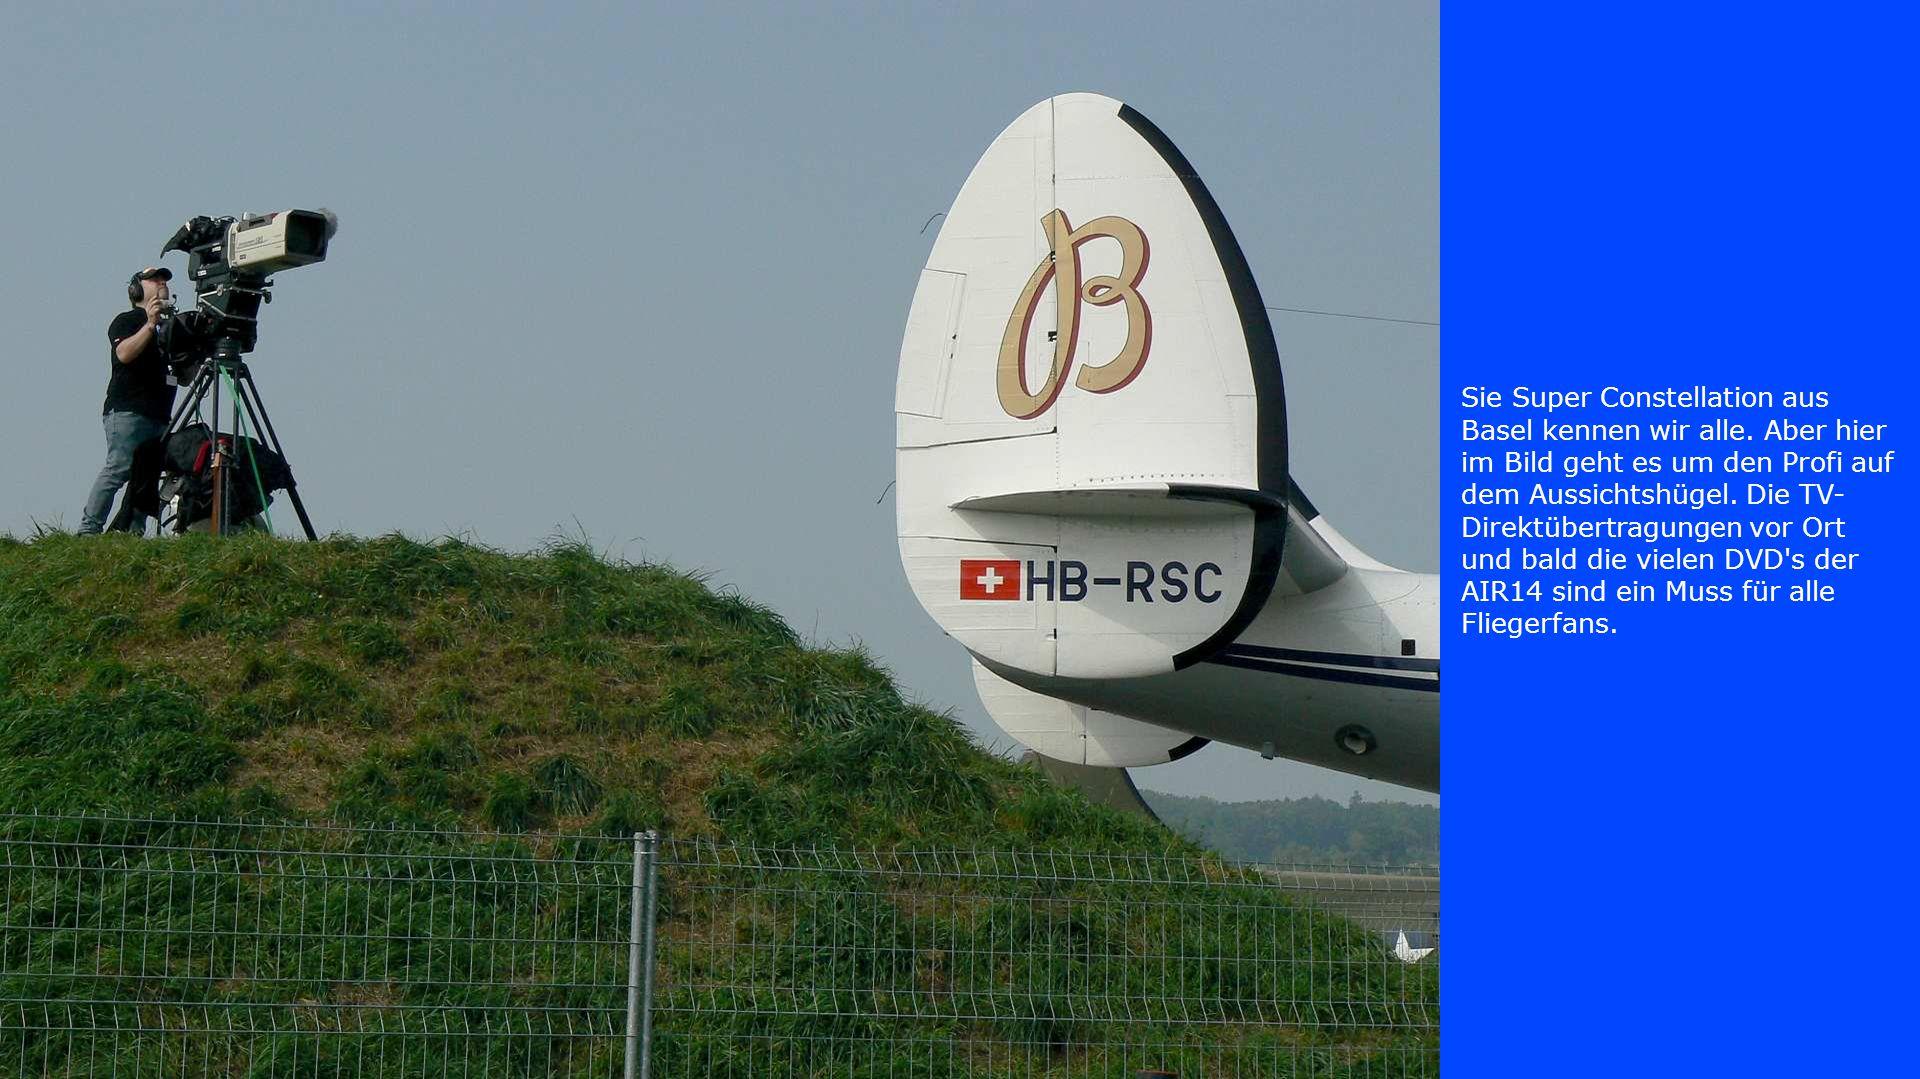 Die Luftwaffe der Slowakischen Republik präsentiert hier einen ihrer 12 MIG-29.